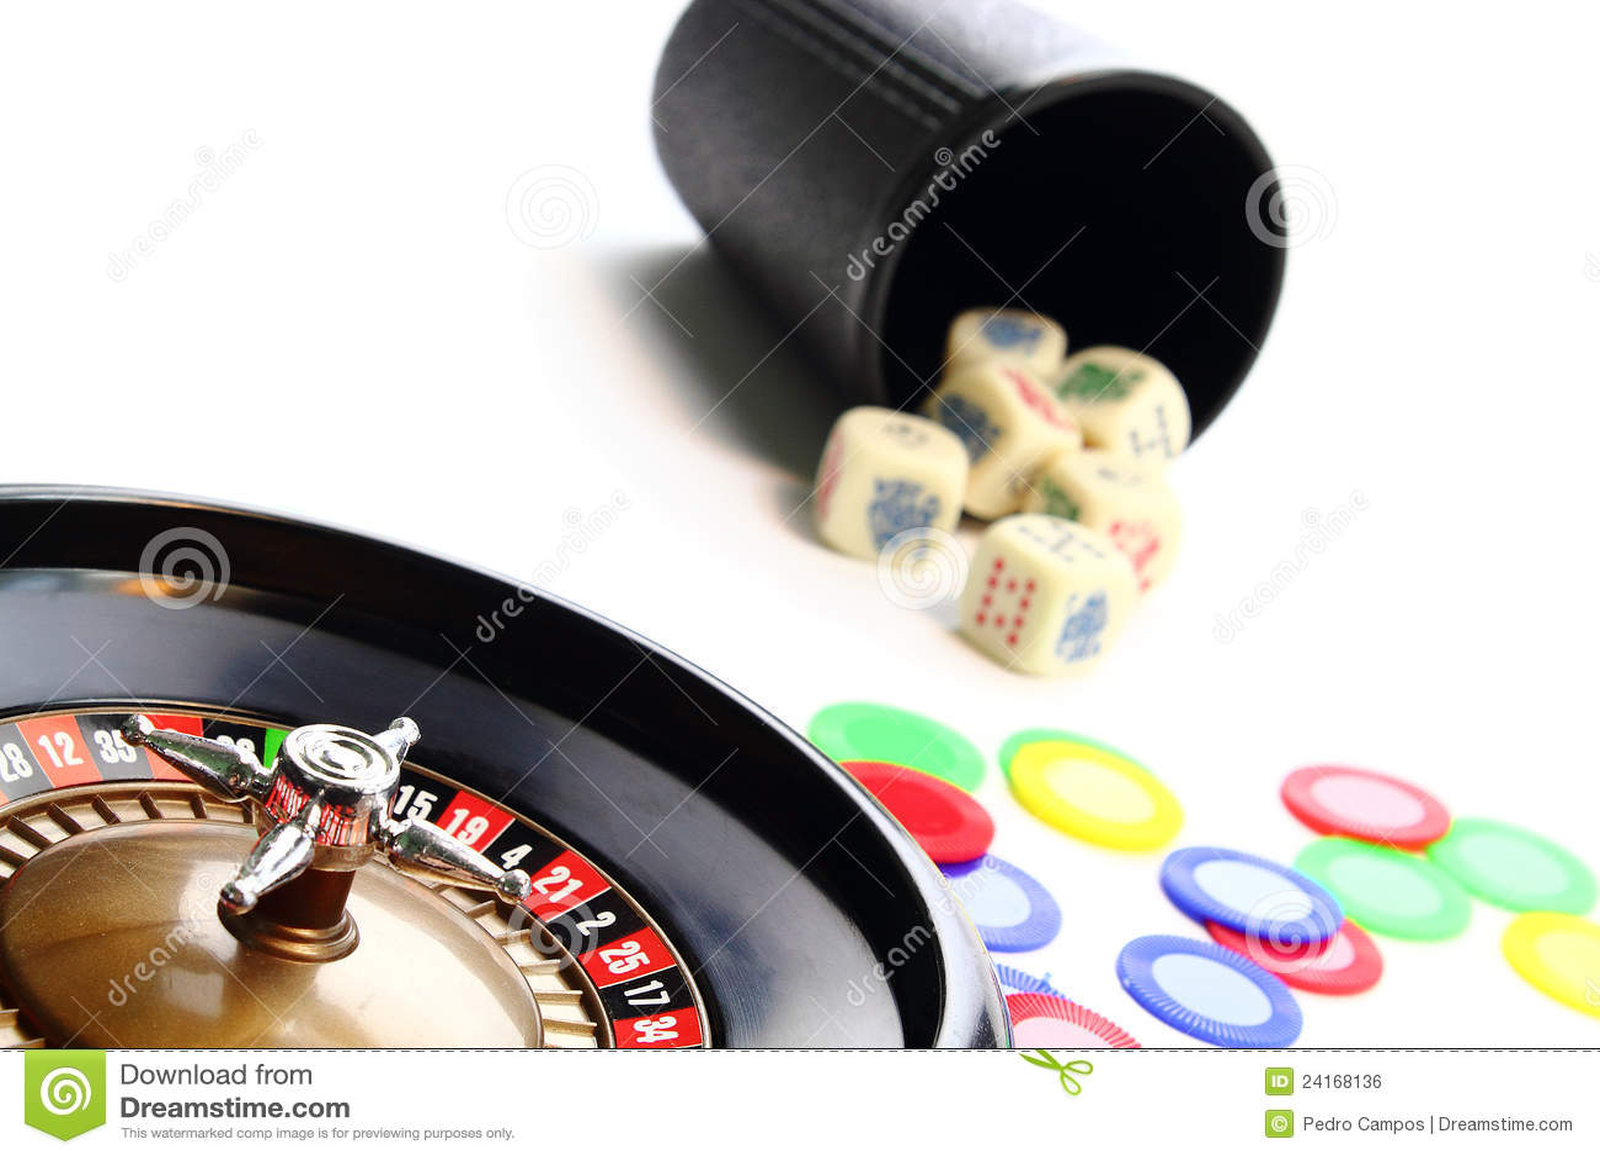 Baden online casino